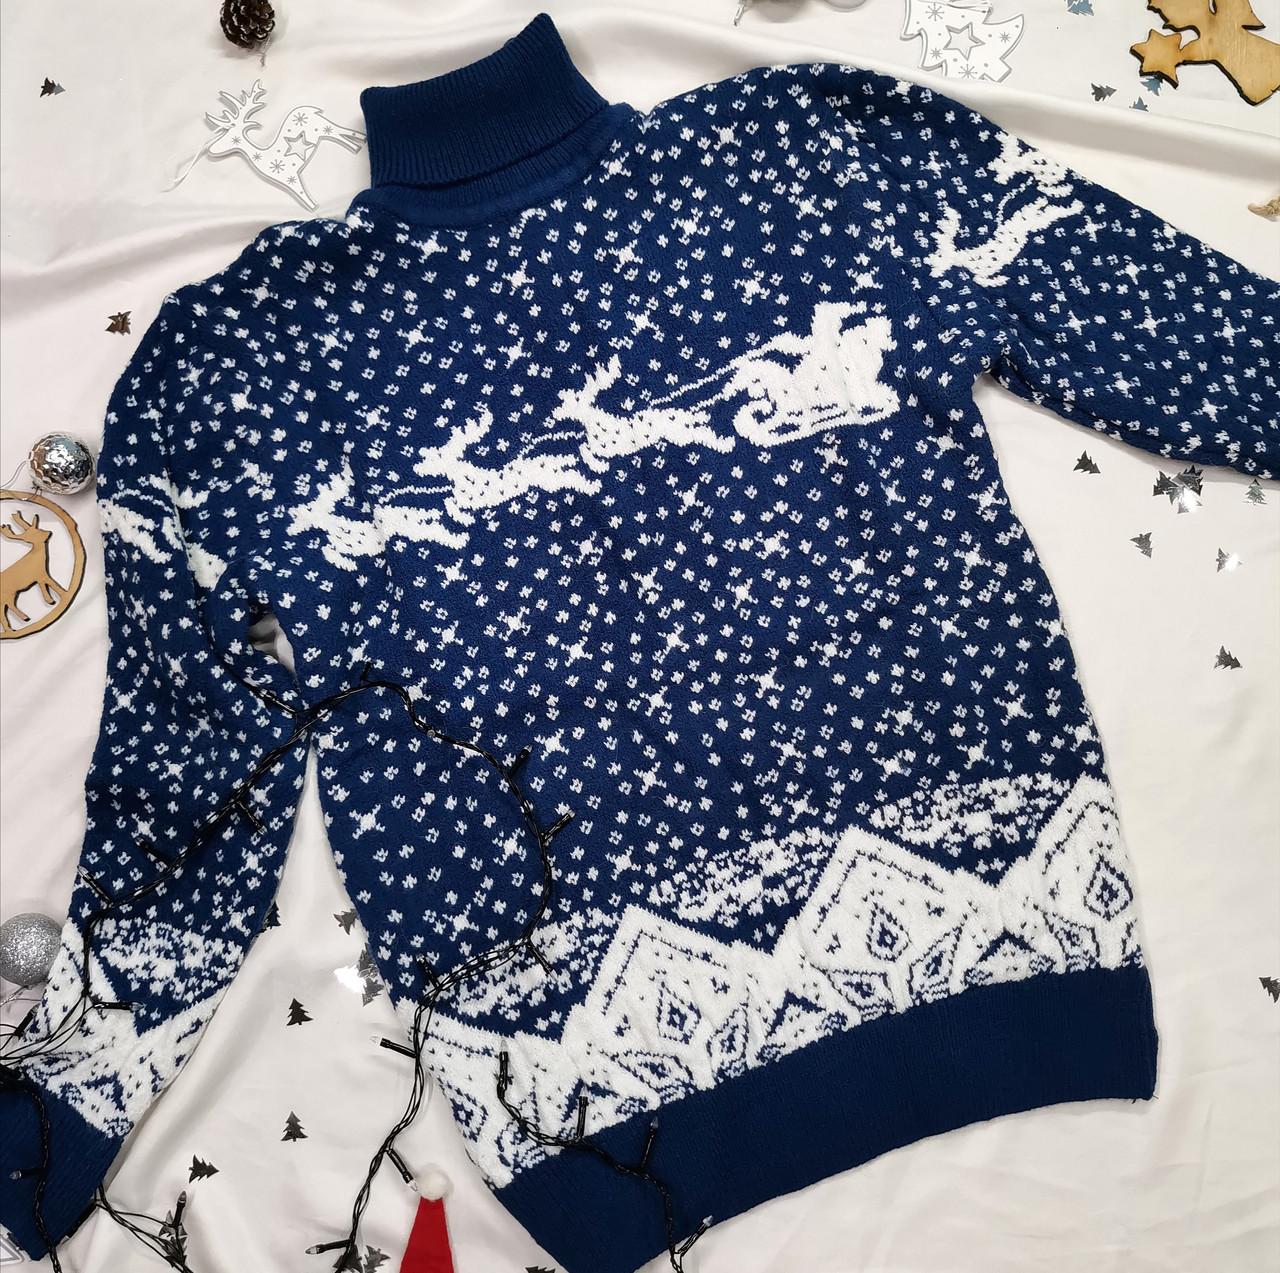 Теплый вязаный новогодний мужской свитер с оленями синий